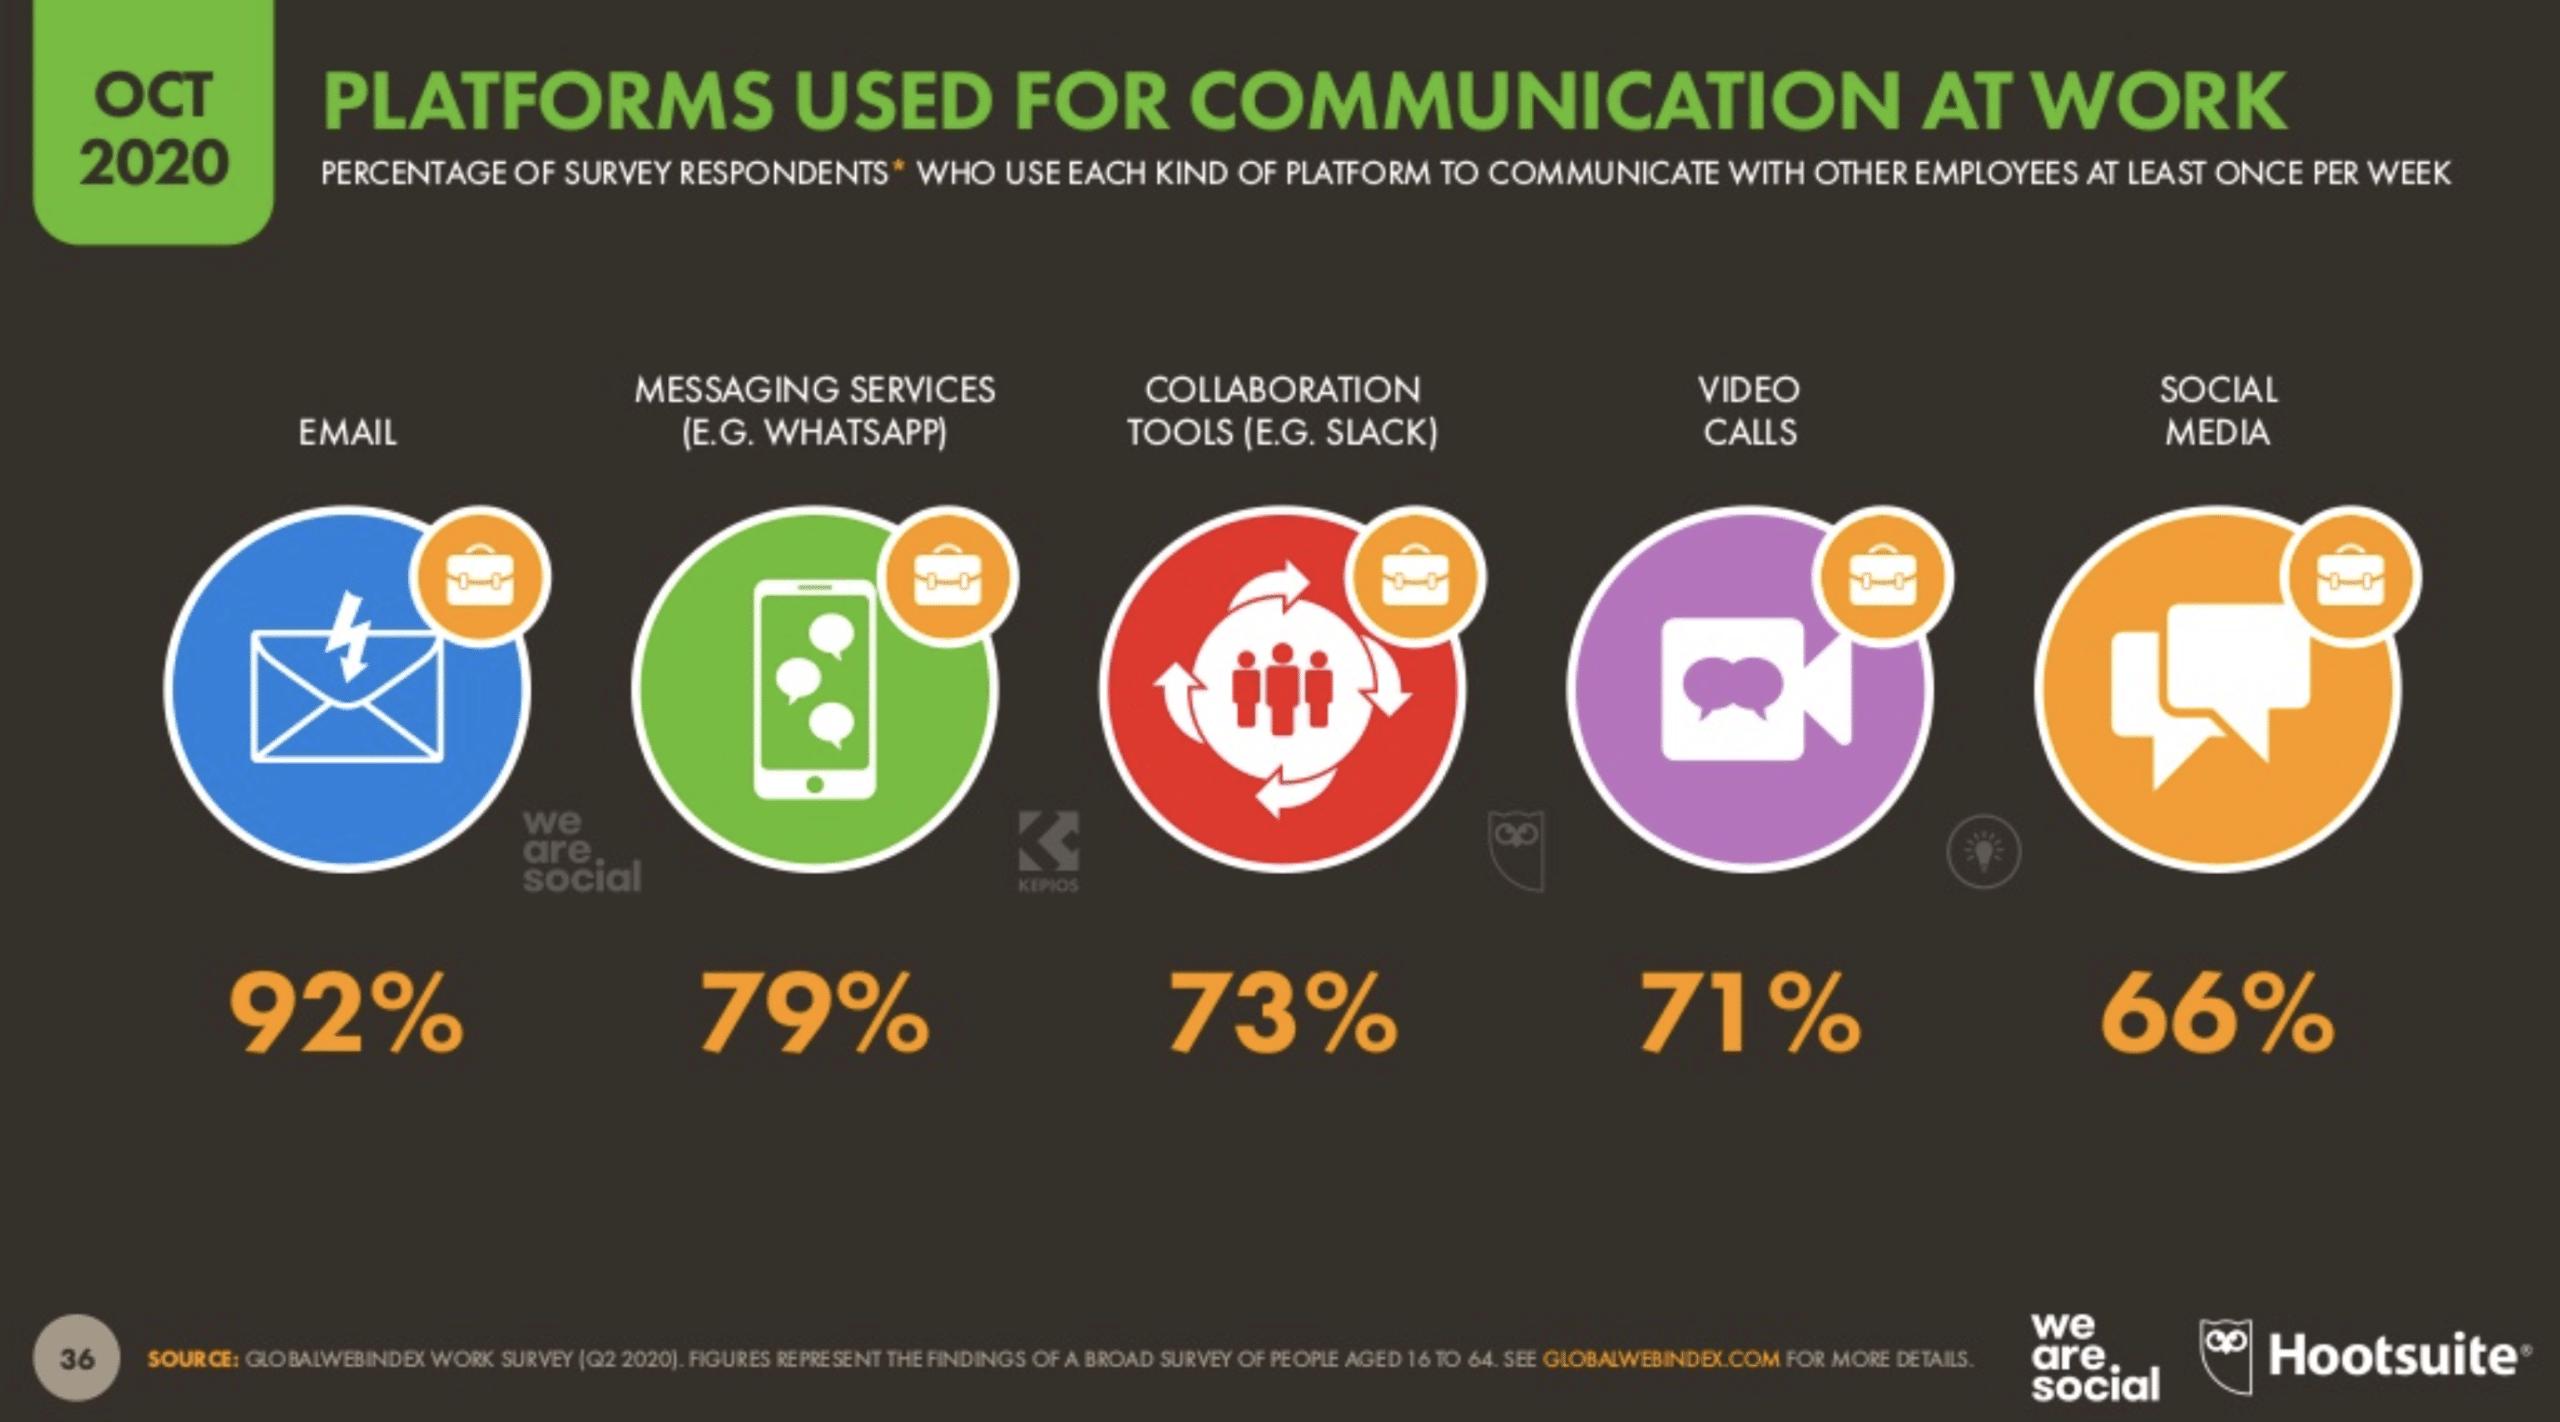 платформы, используемые для общения на работе